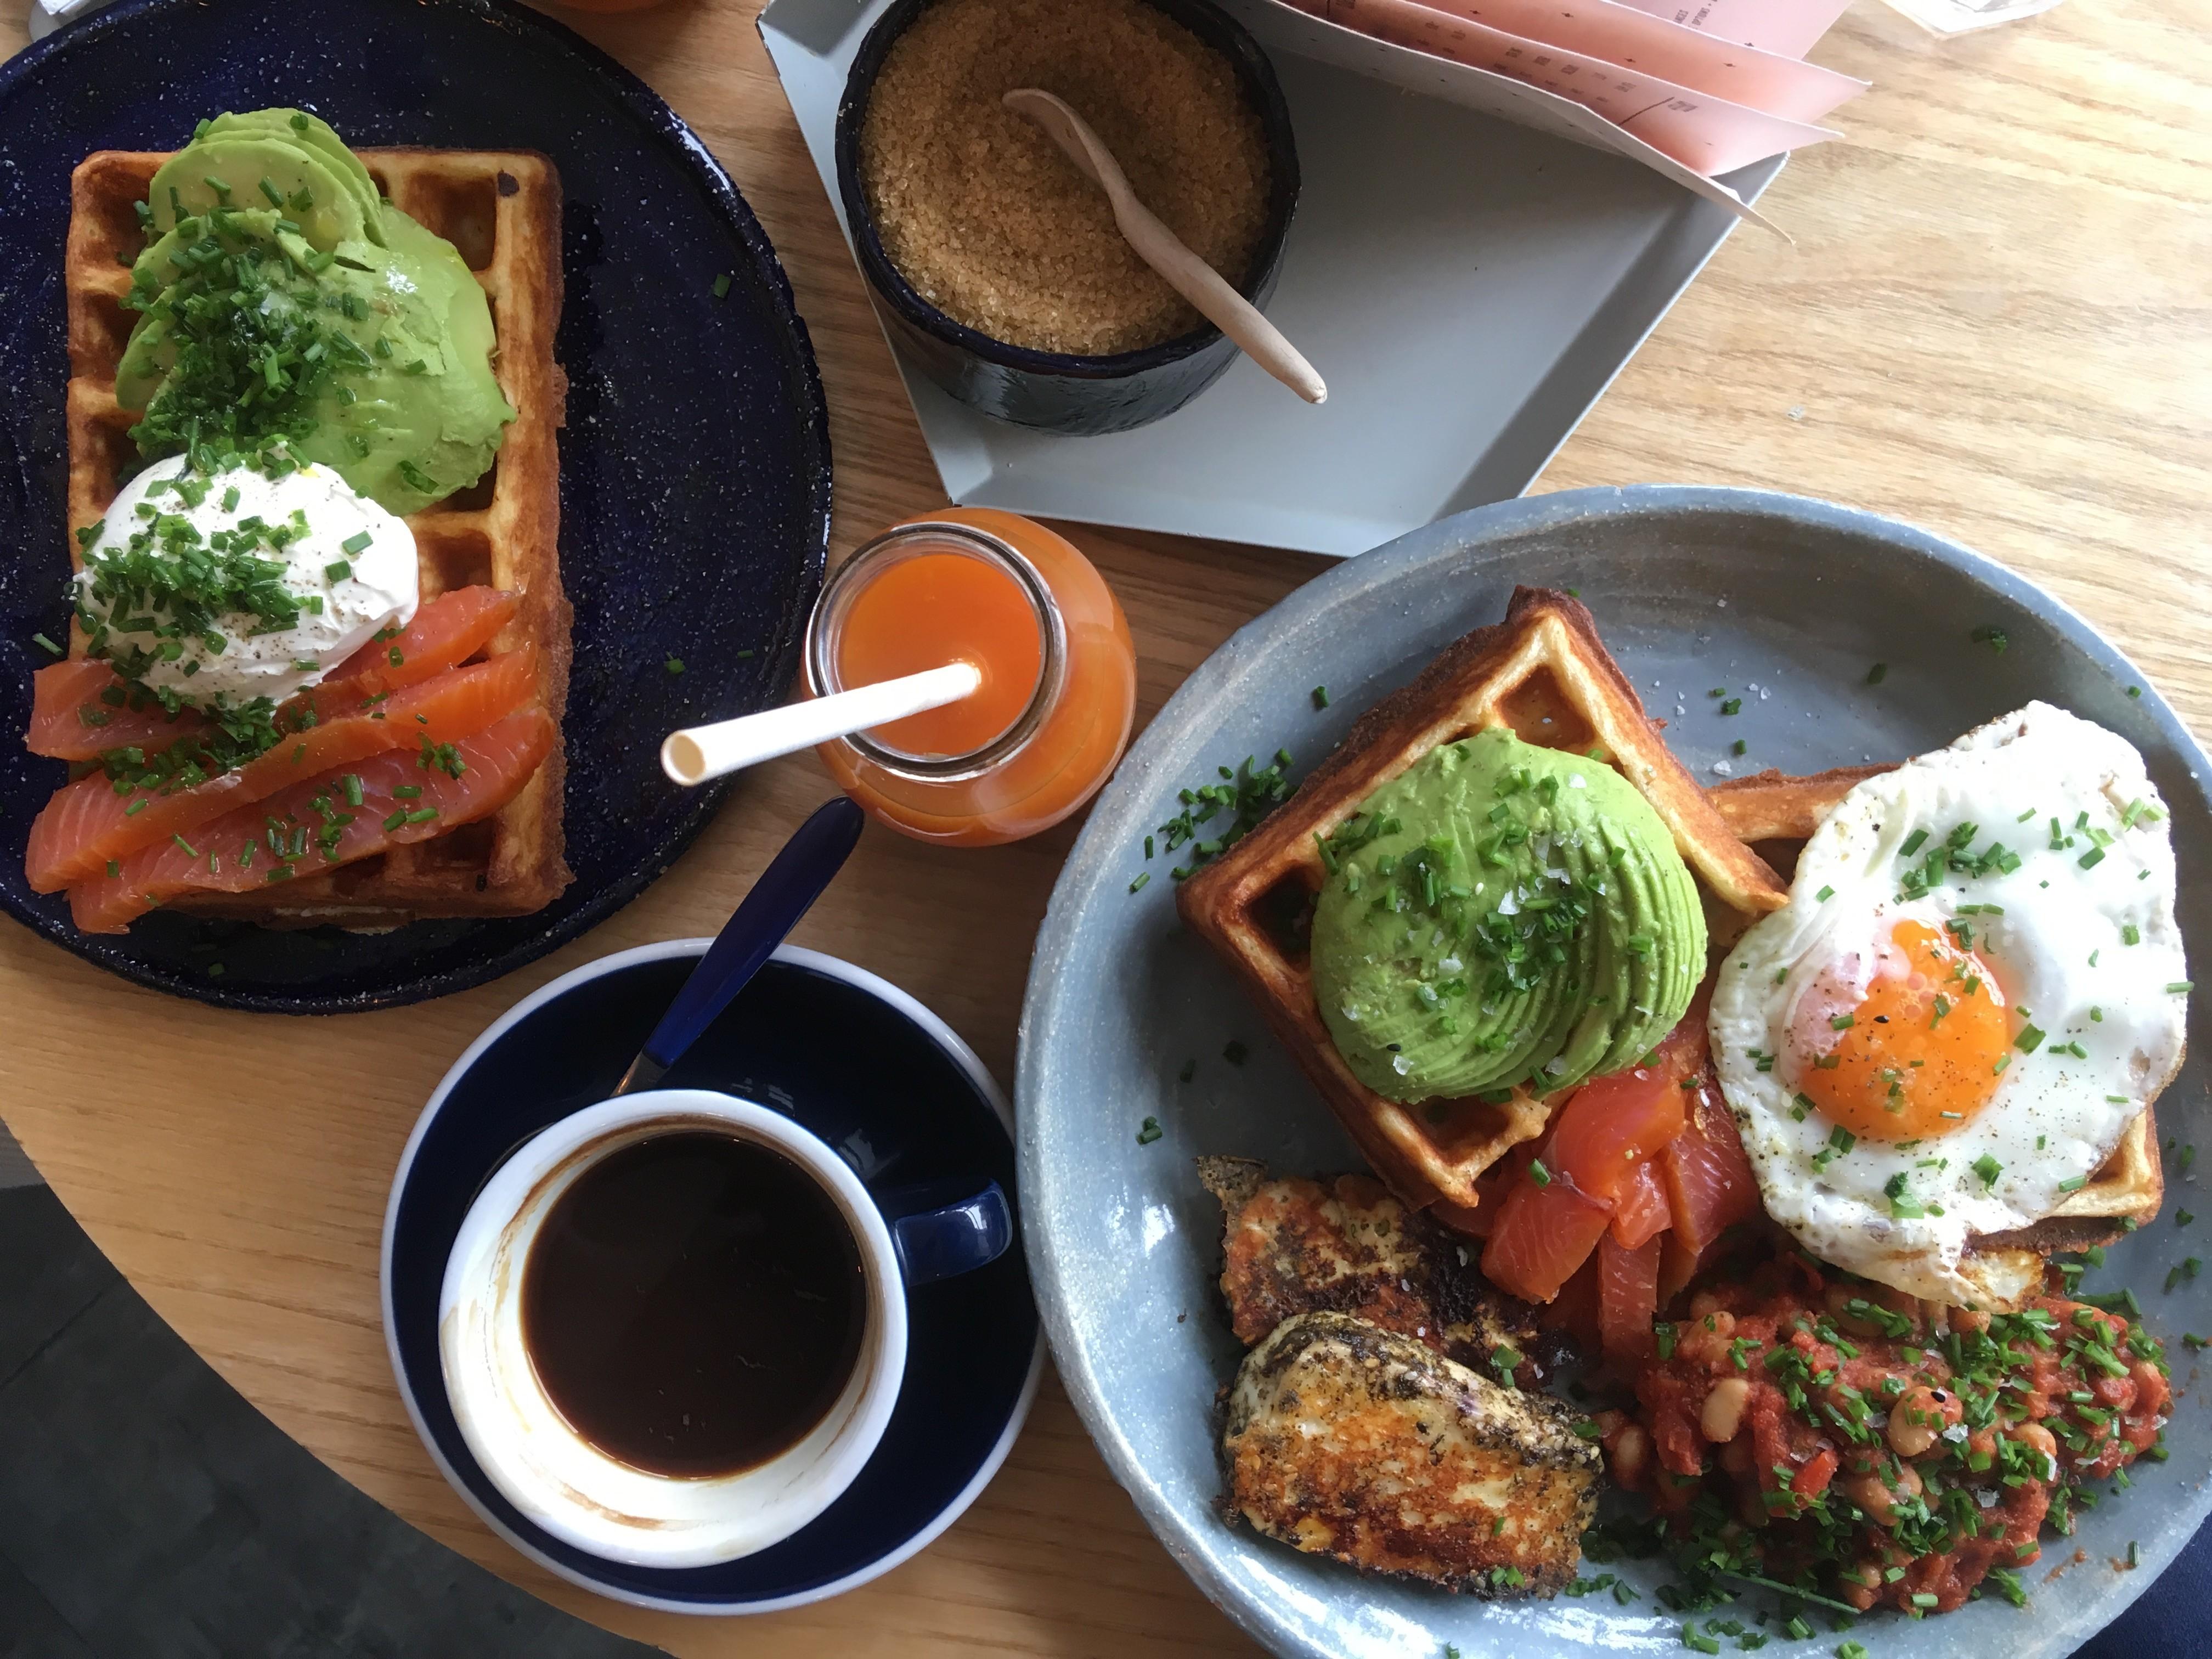 Café da manhã inglês (Foto: Larissa Januário)